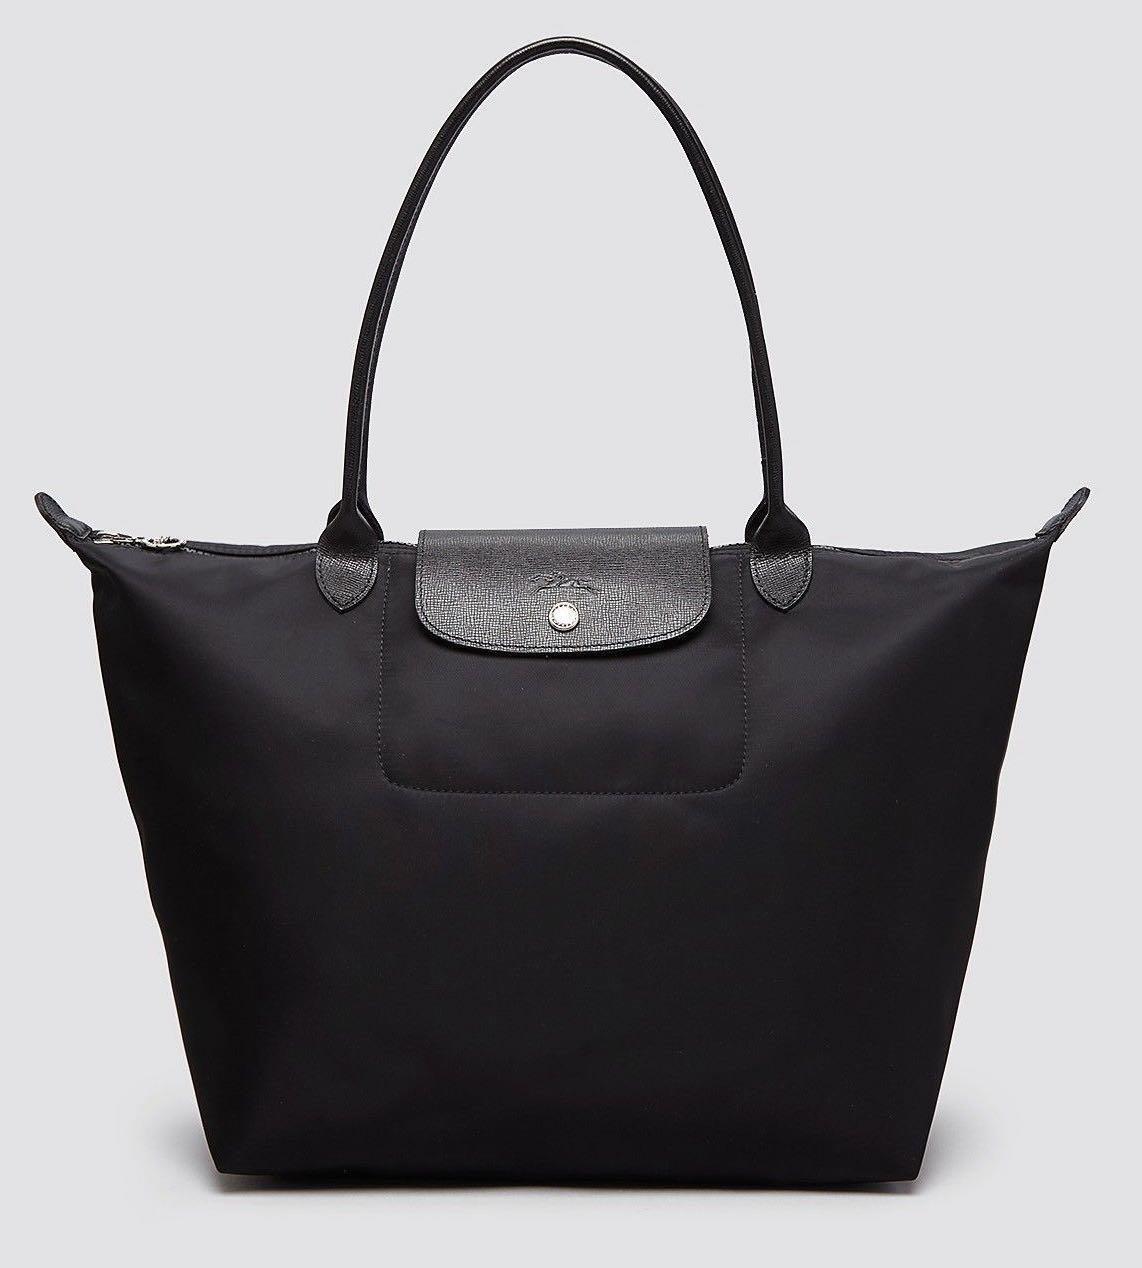 🇫🇷 Authentic Longchamp Le Pliage Neo Tote Bag Large  Black ... 5a2a29083a14c